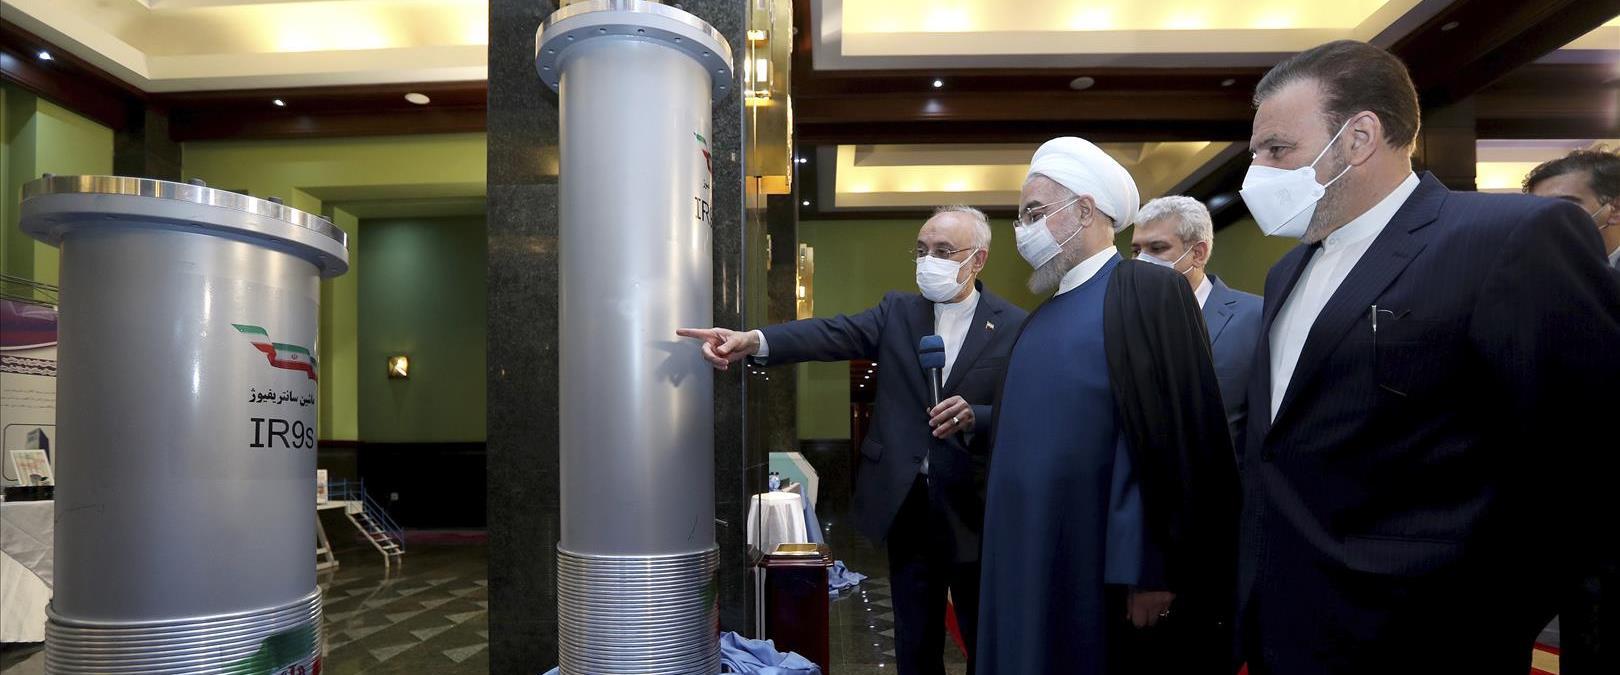 נשיא איראן לשעבר רוחאני במתקן גרעין, ארכיון